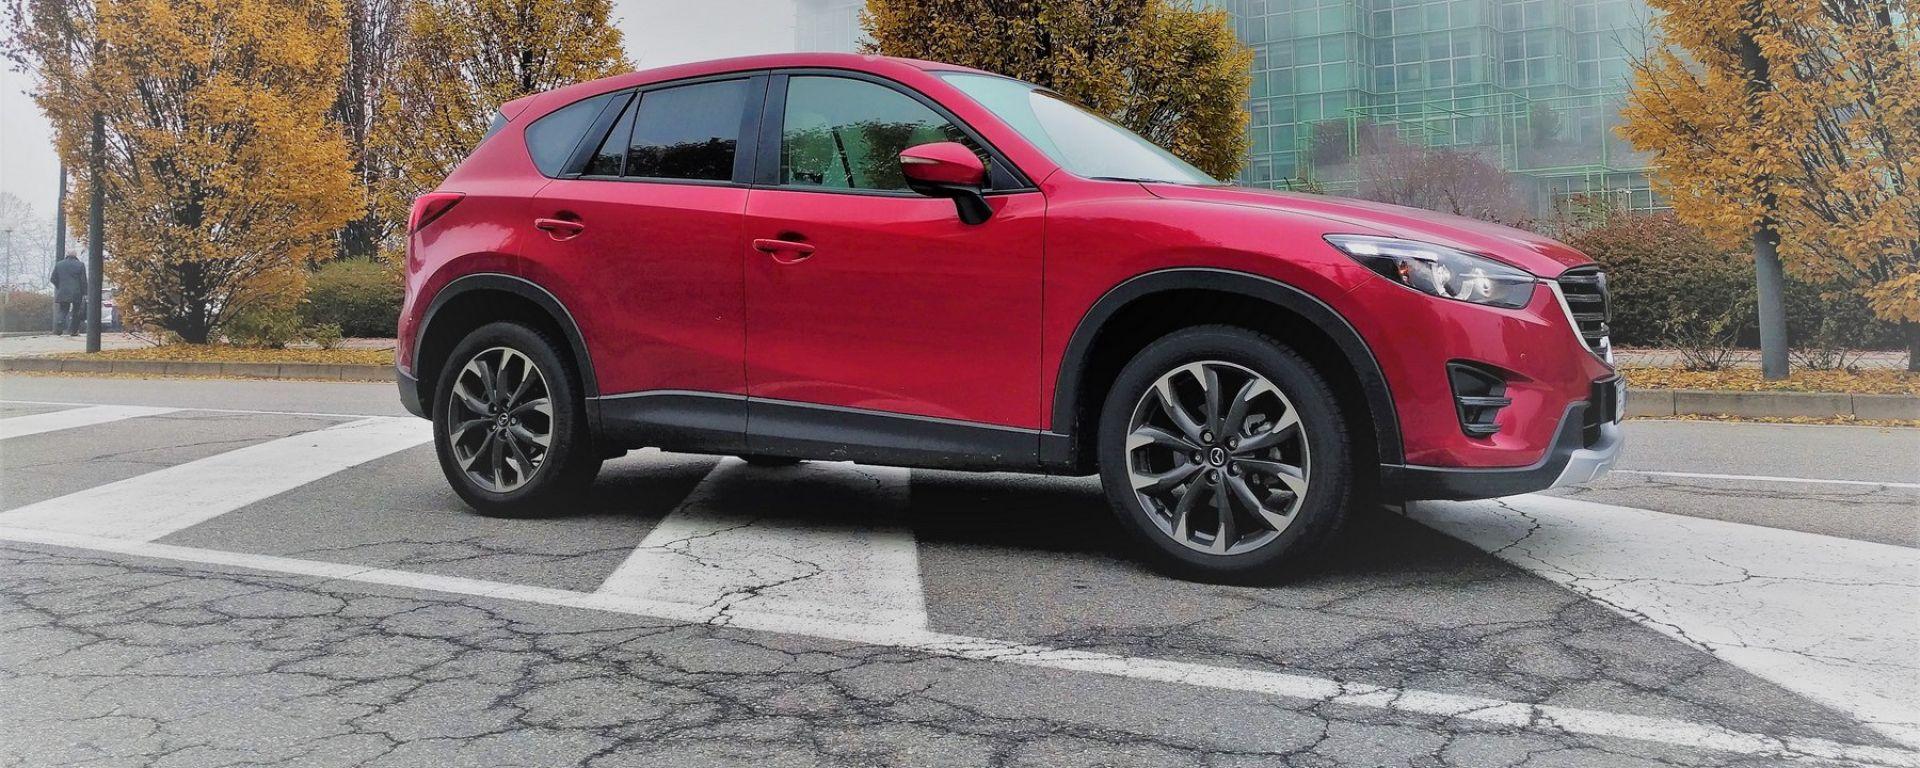 La Mazda CX-5 sta per essere sostituita: è ora di tentare l'affare